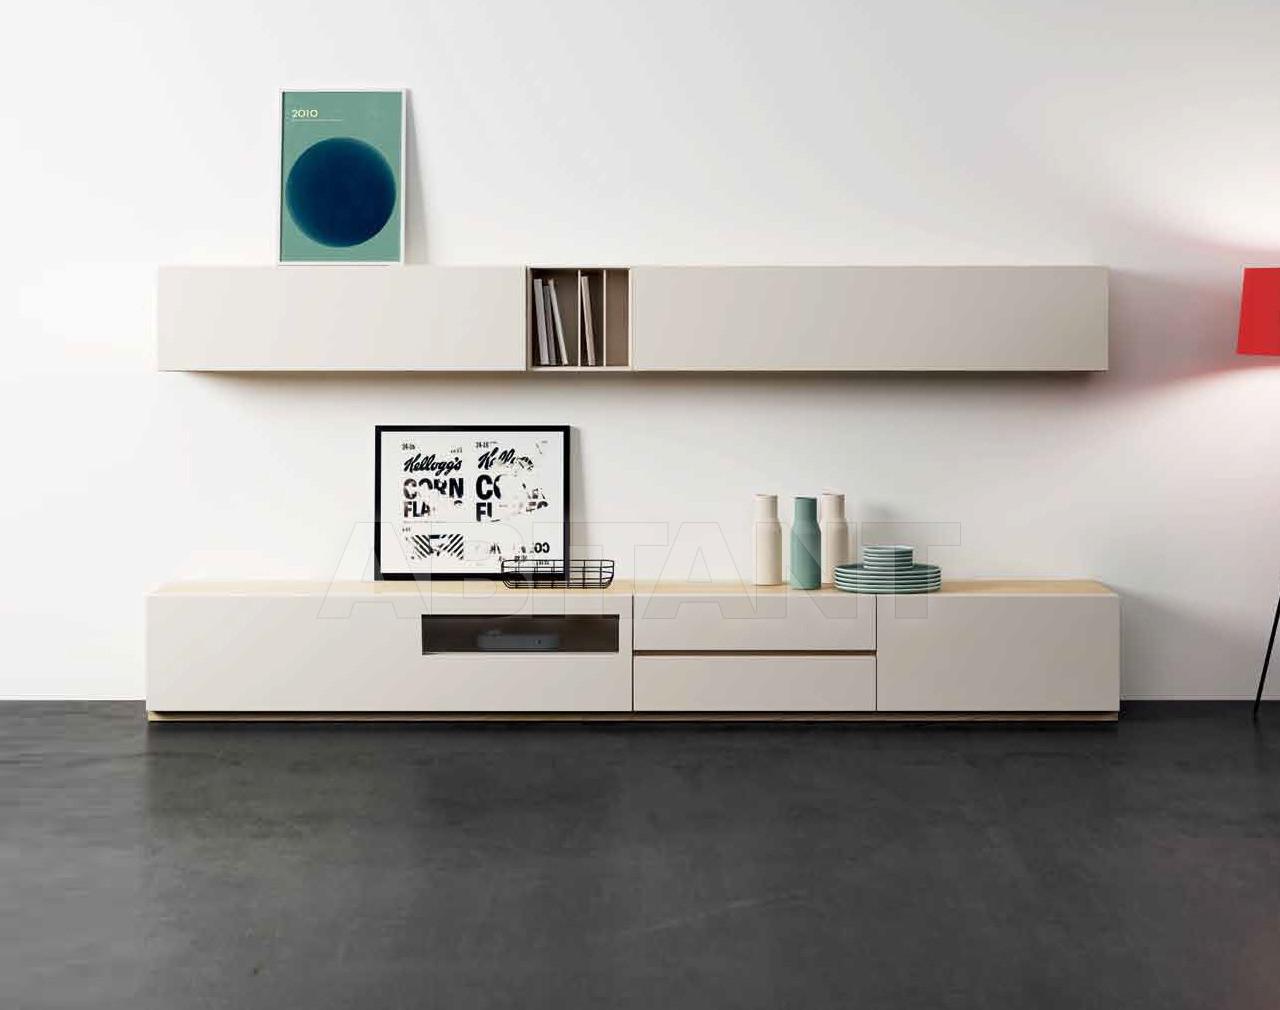 Купить Модульная система Arlex Design S.L. Delta COMPOSITION page 54-55